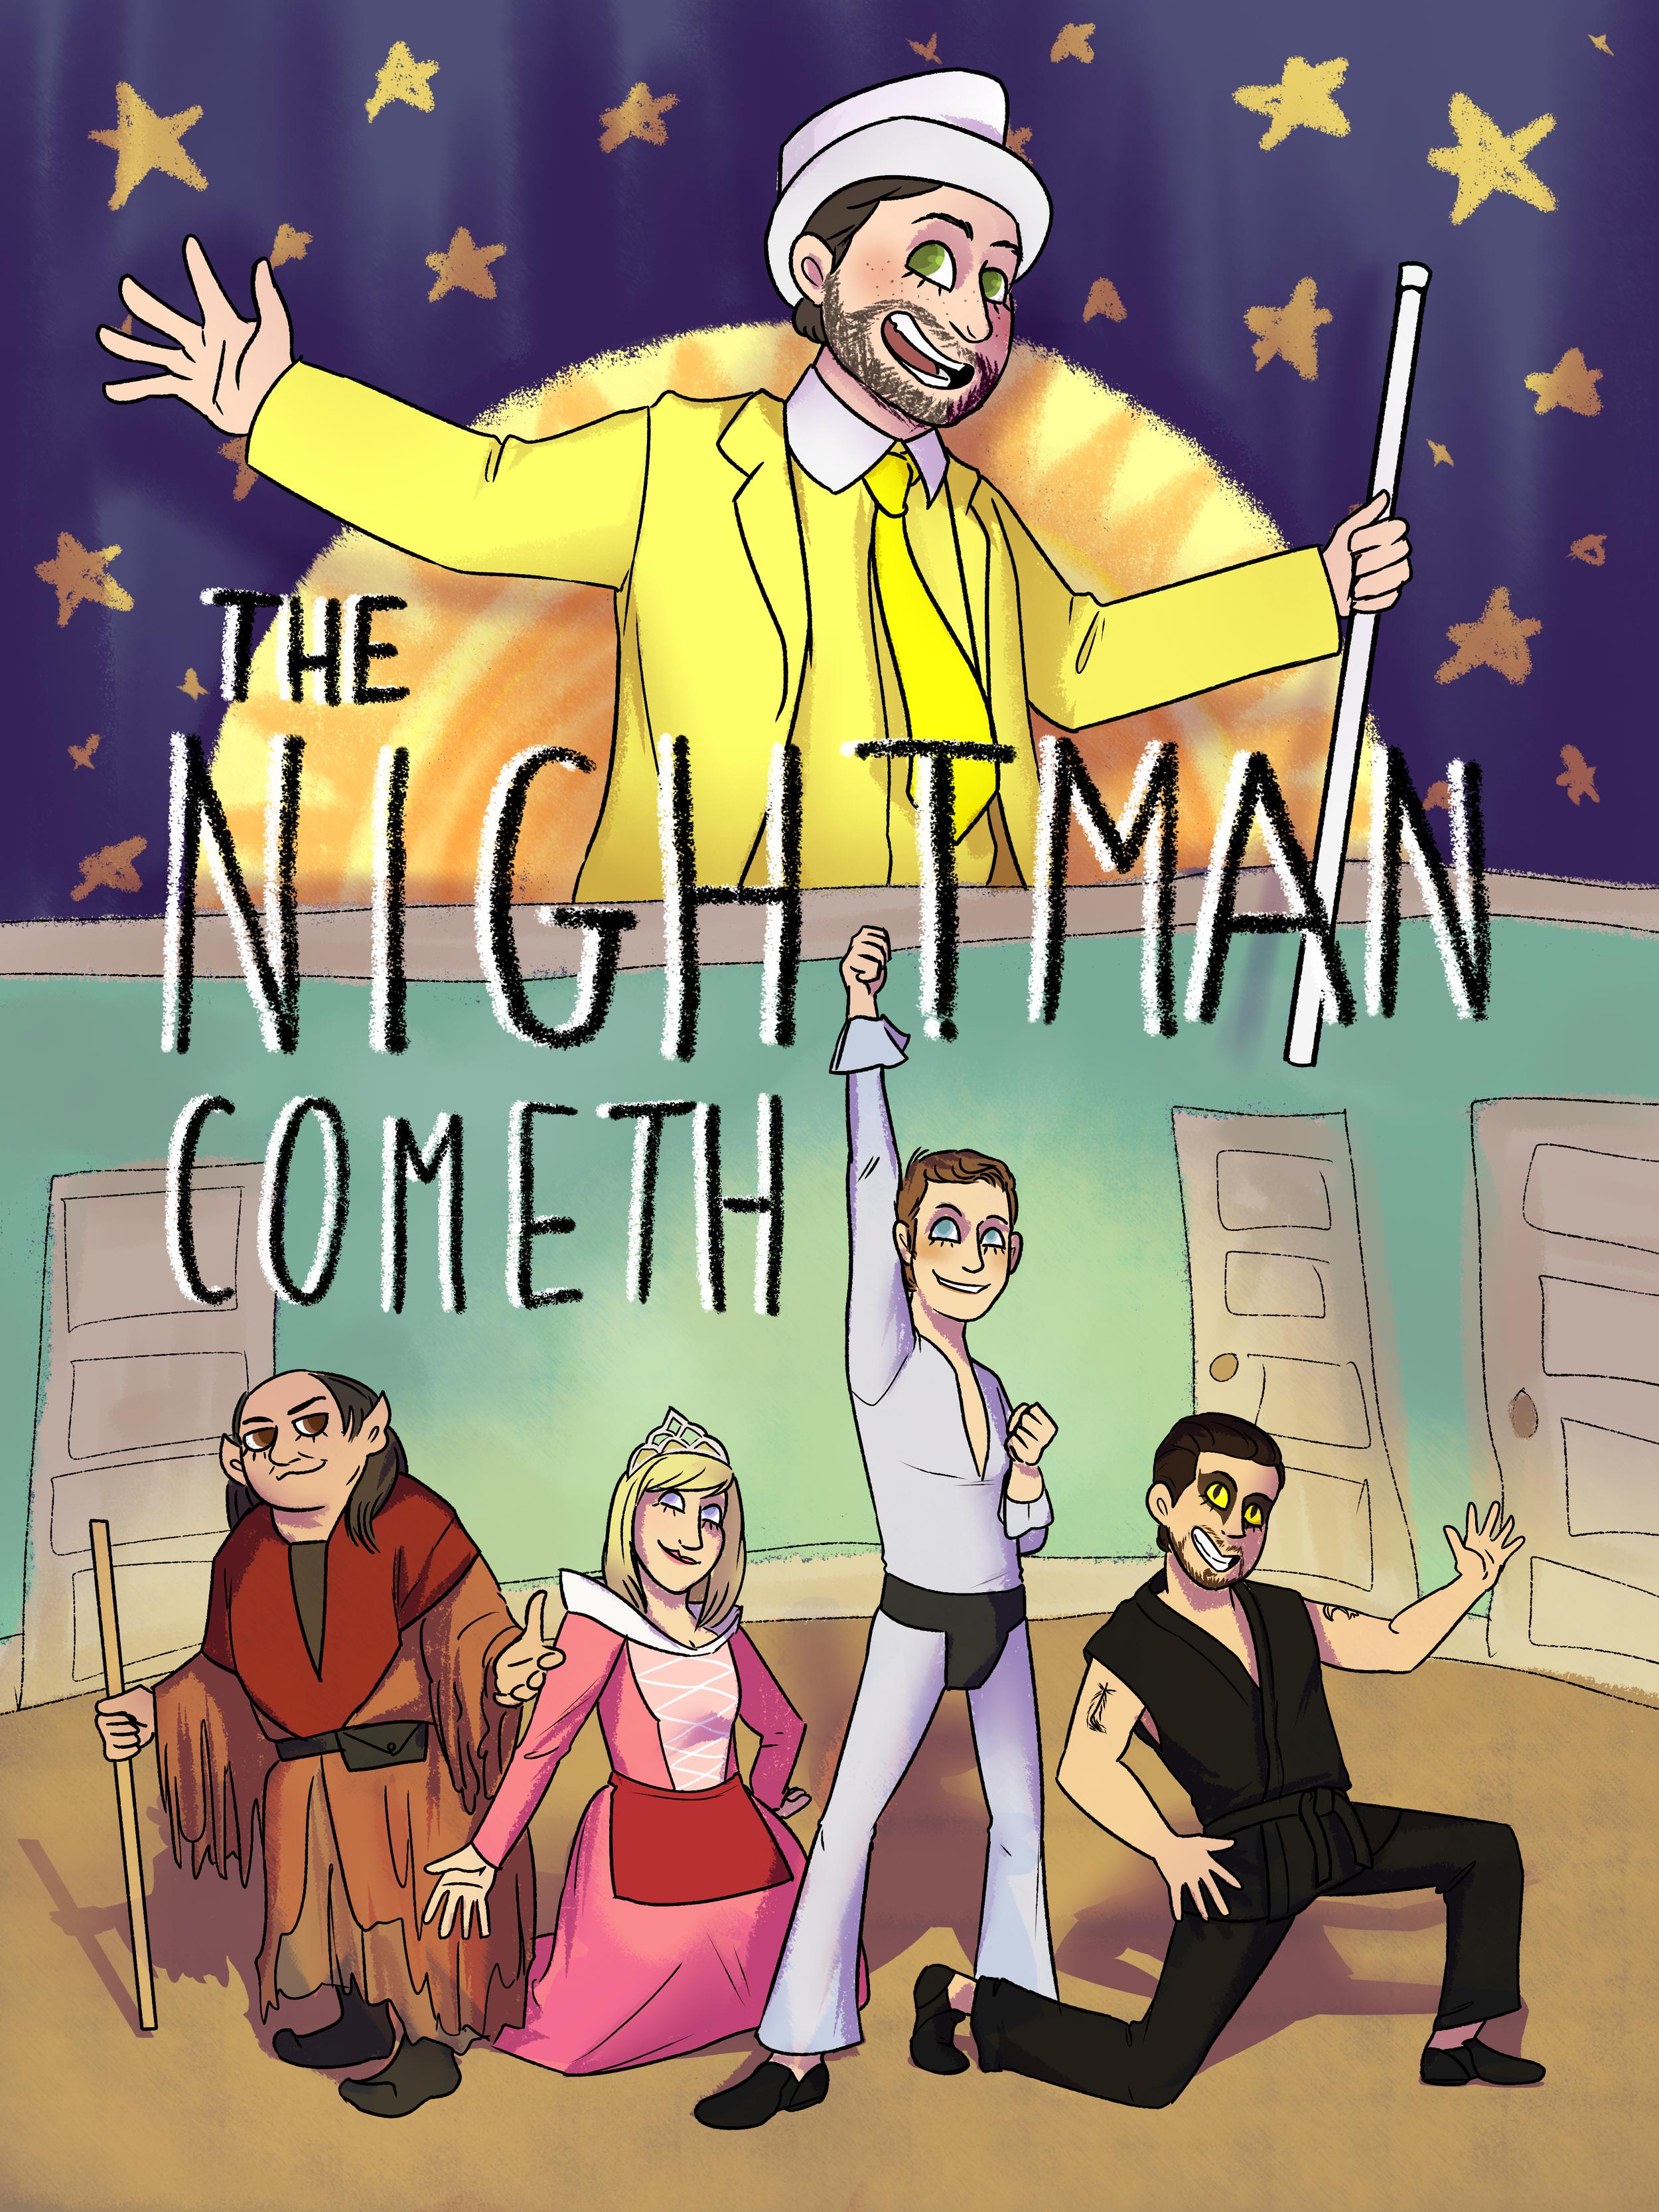 nightman poster v2 txt1.png